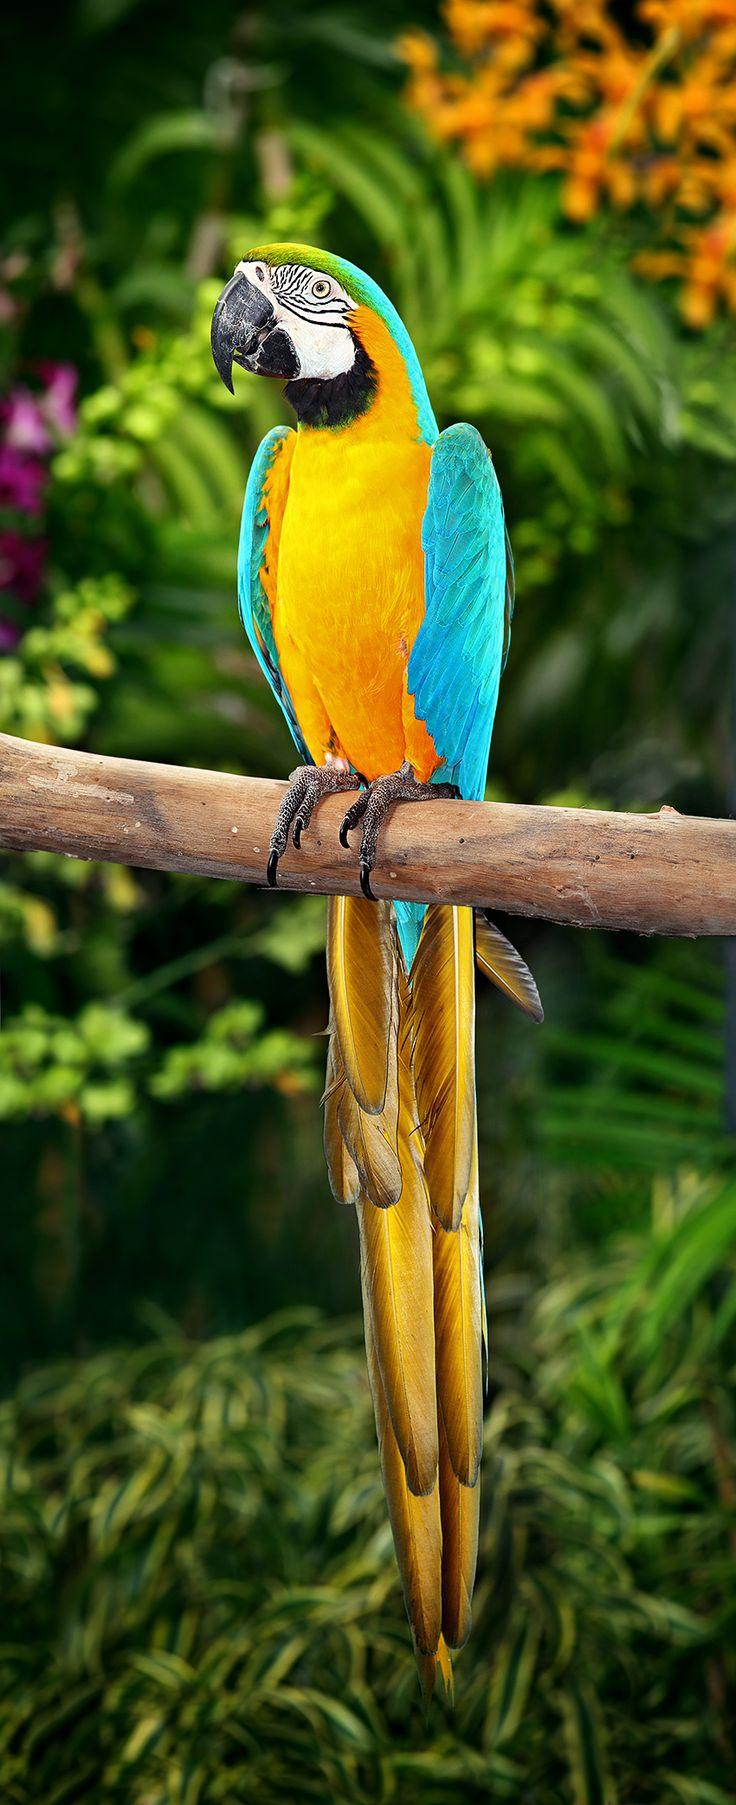 Guacamayo Azul-y-de-oro Guacamayo Azul-y-amarillo (Ara ararauna) en Parque de Pájaro Jurong: Este Guacamayo se reproduce en el bosque (sobre todo varzea, pero también en las secciones abiertas de Tierra Firme) y el bosque de Sout tropical …